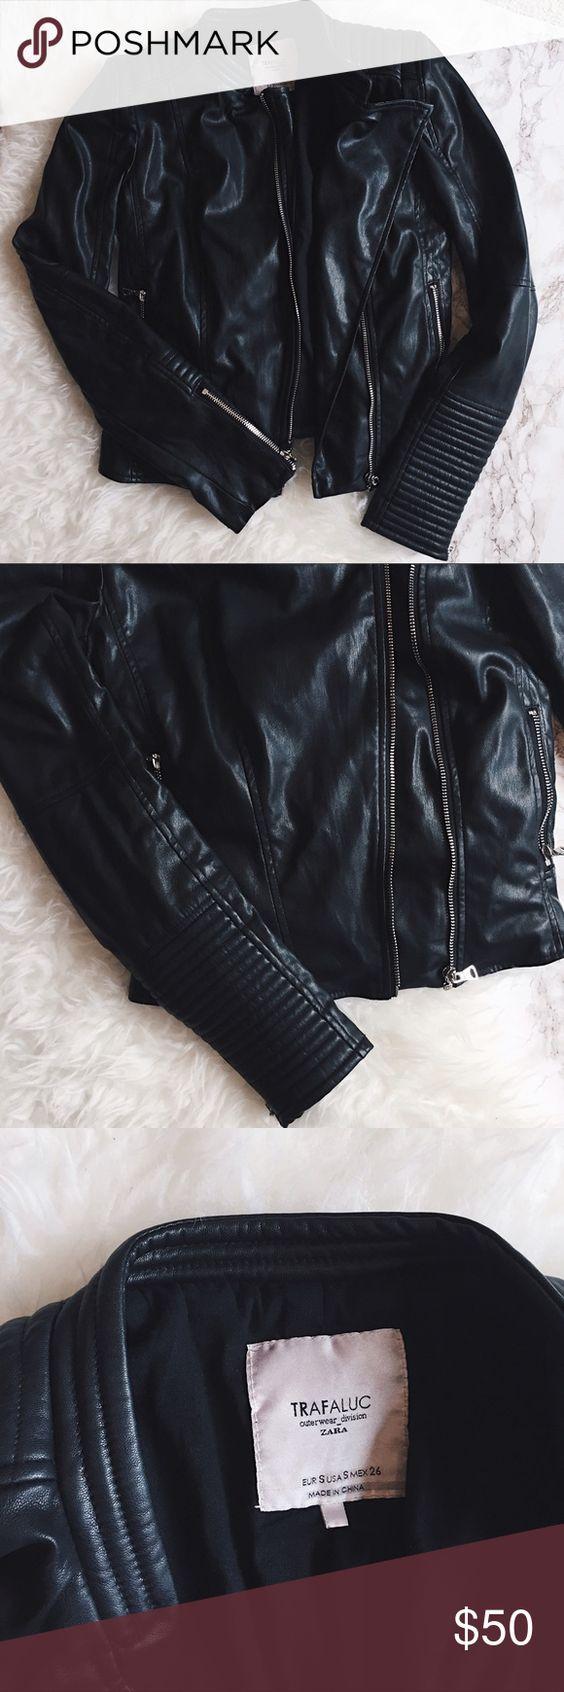 Leather jacket care - Zara Leather Jacket Care